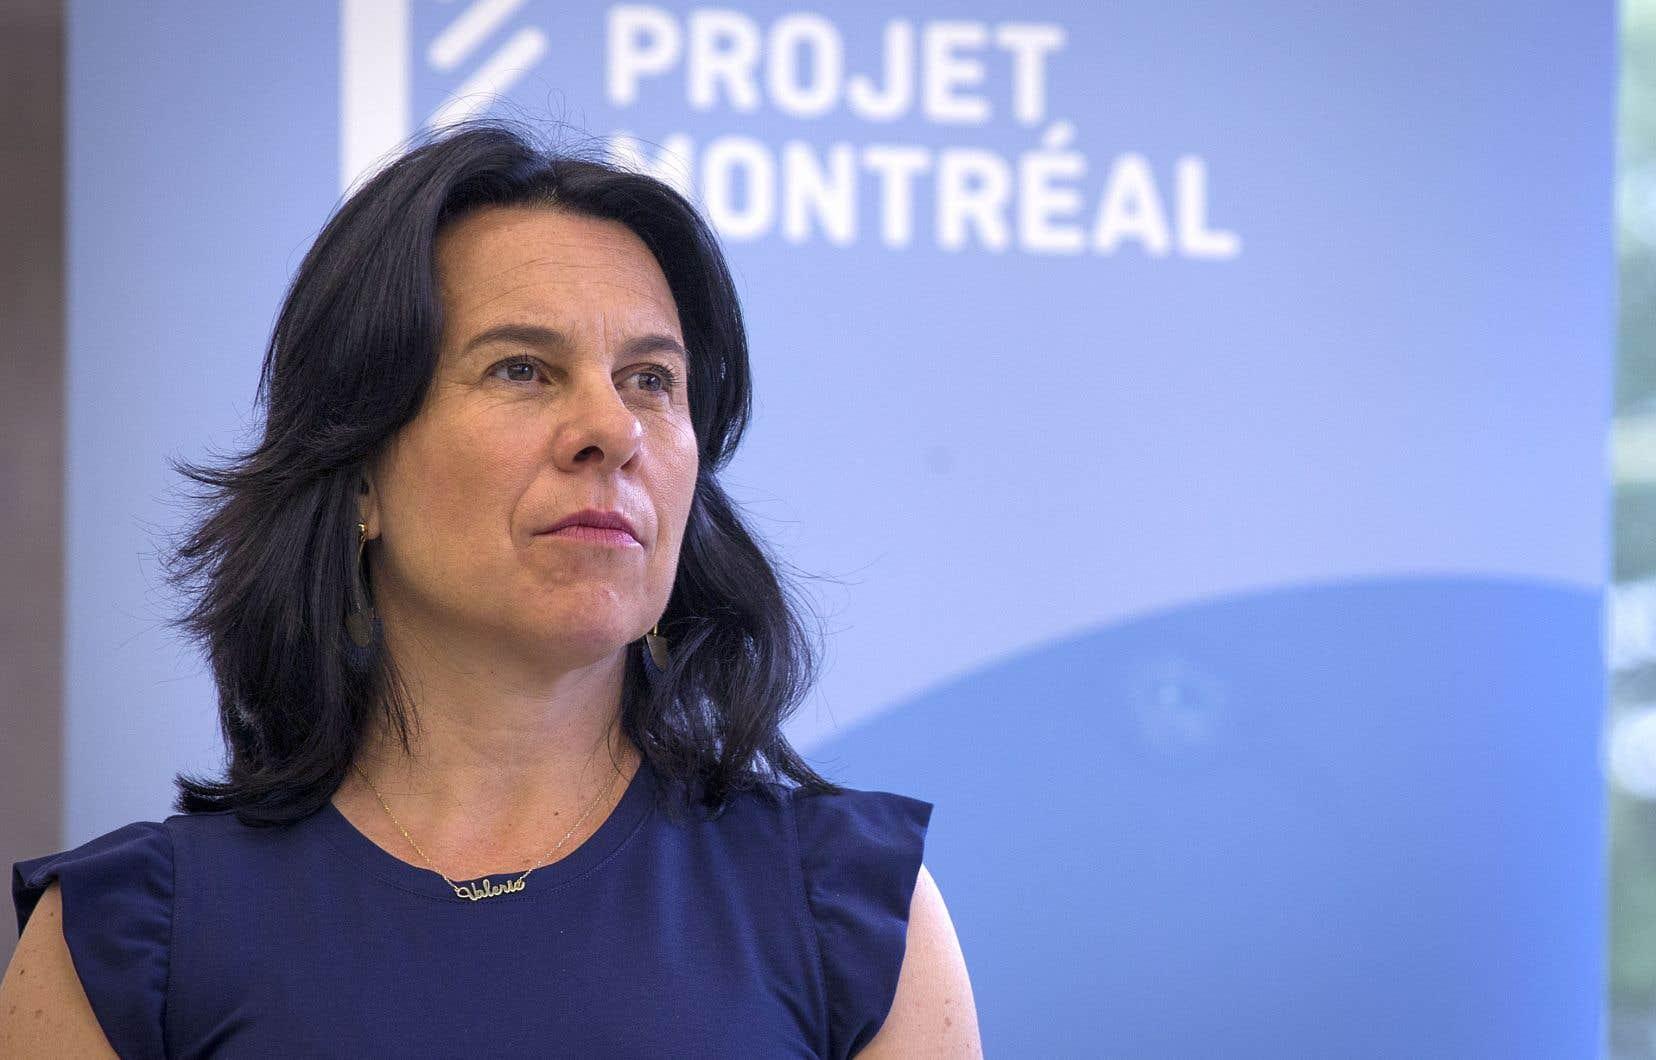 La mairesse de Montréal, Valérie plante, réitère sa confiance en son candidat à la mairie de Montréal-Nord.